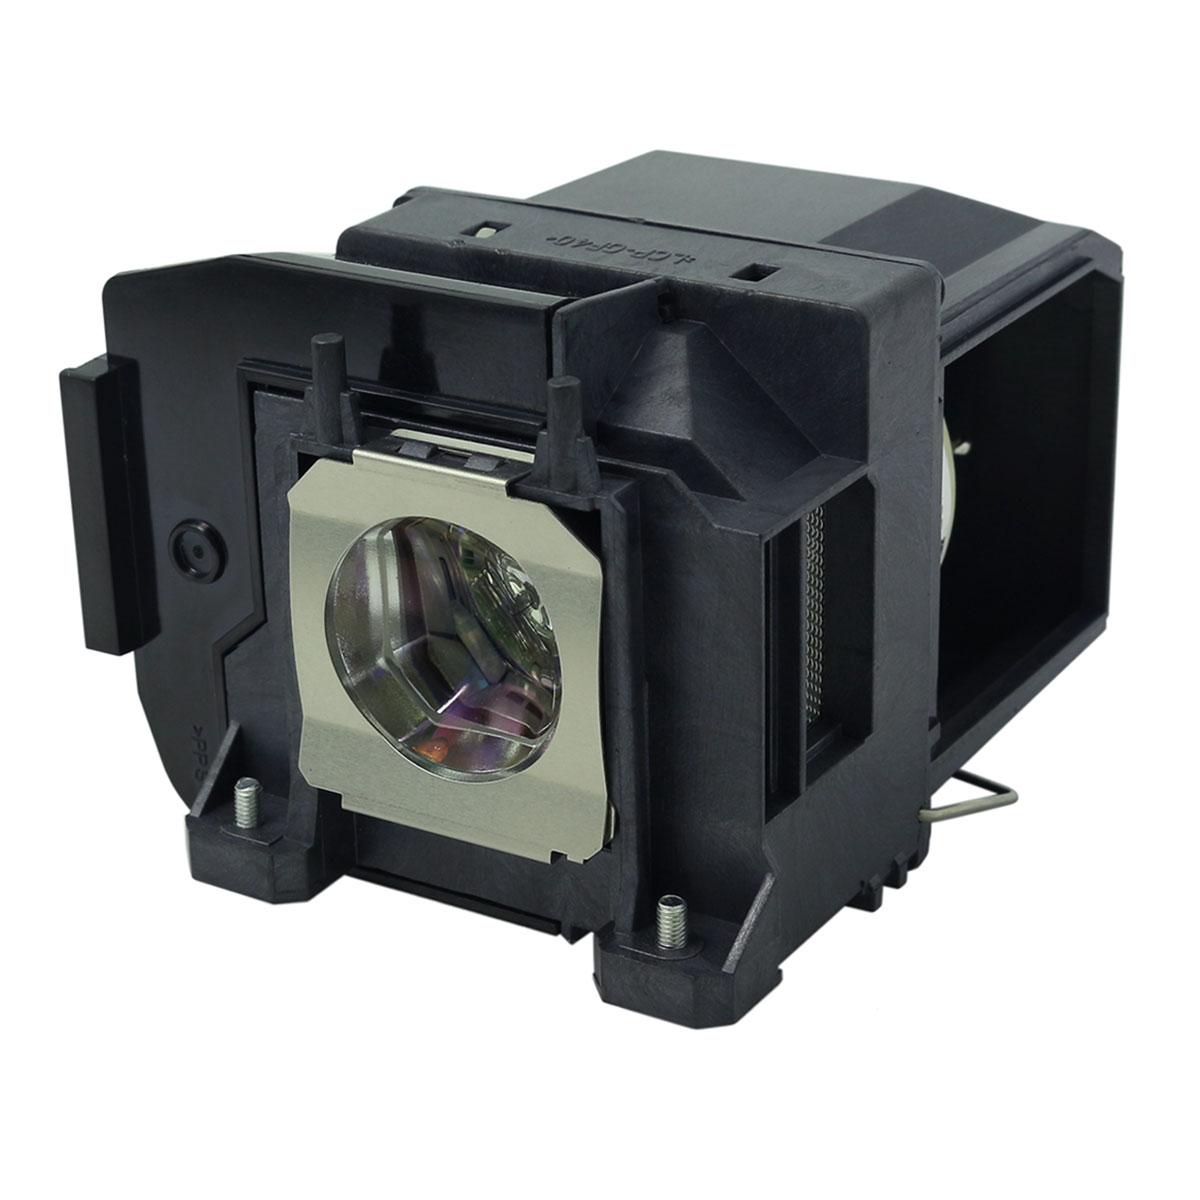 Lutema Economy pour Epson Home Cinema 3100 lampe de projecteur avec bo�tier - image 5 de 5